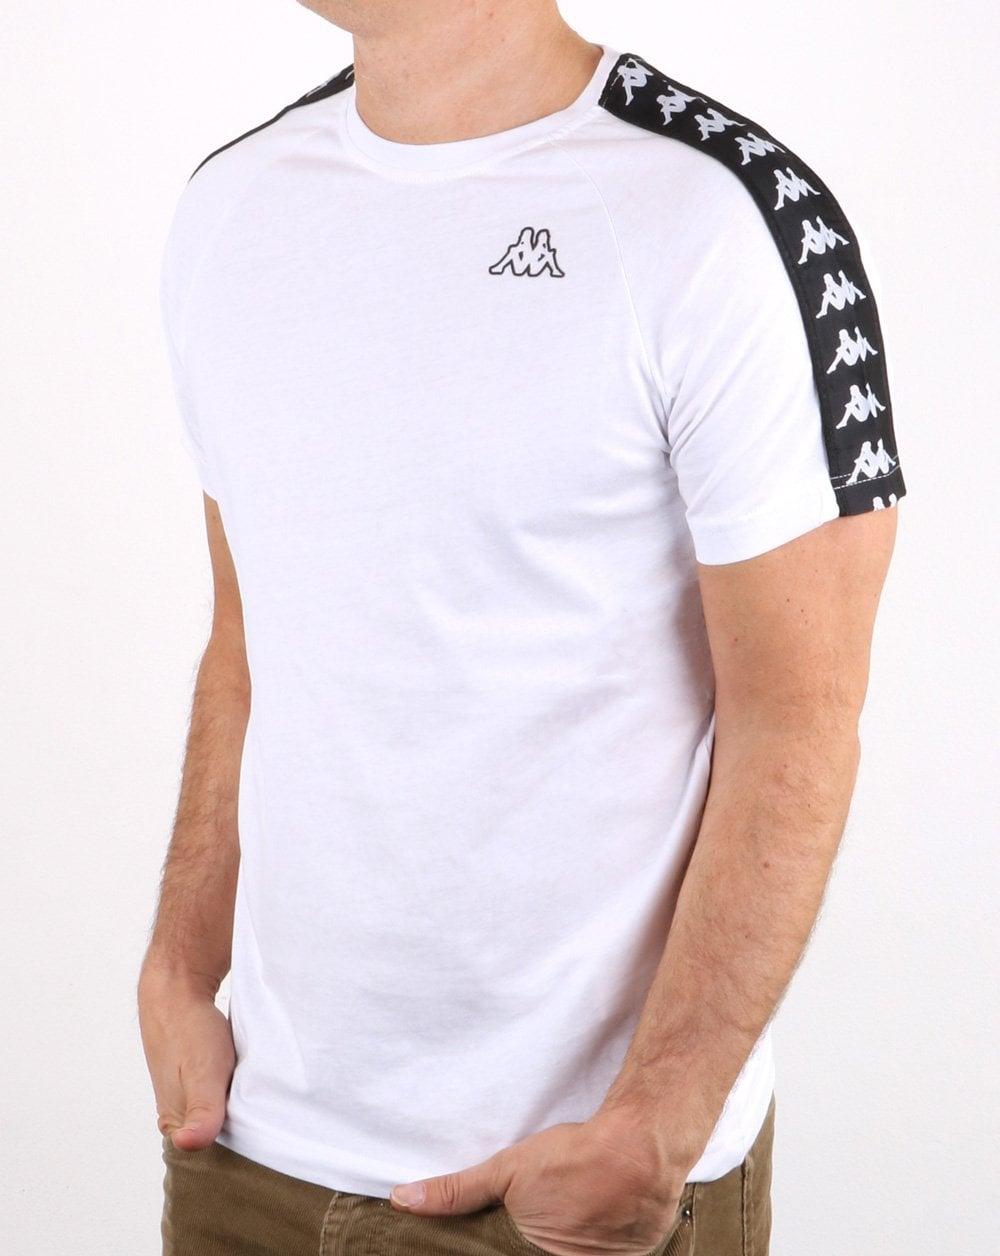 64af3ed7 Kappa, Banda Coen T-shirt, White Black, Mens, Taping, Sport, Cotton